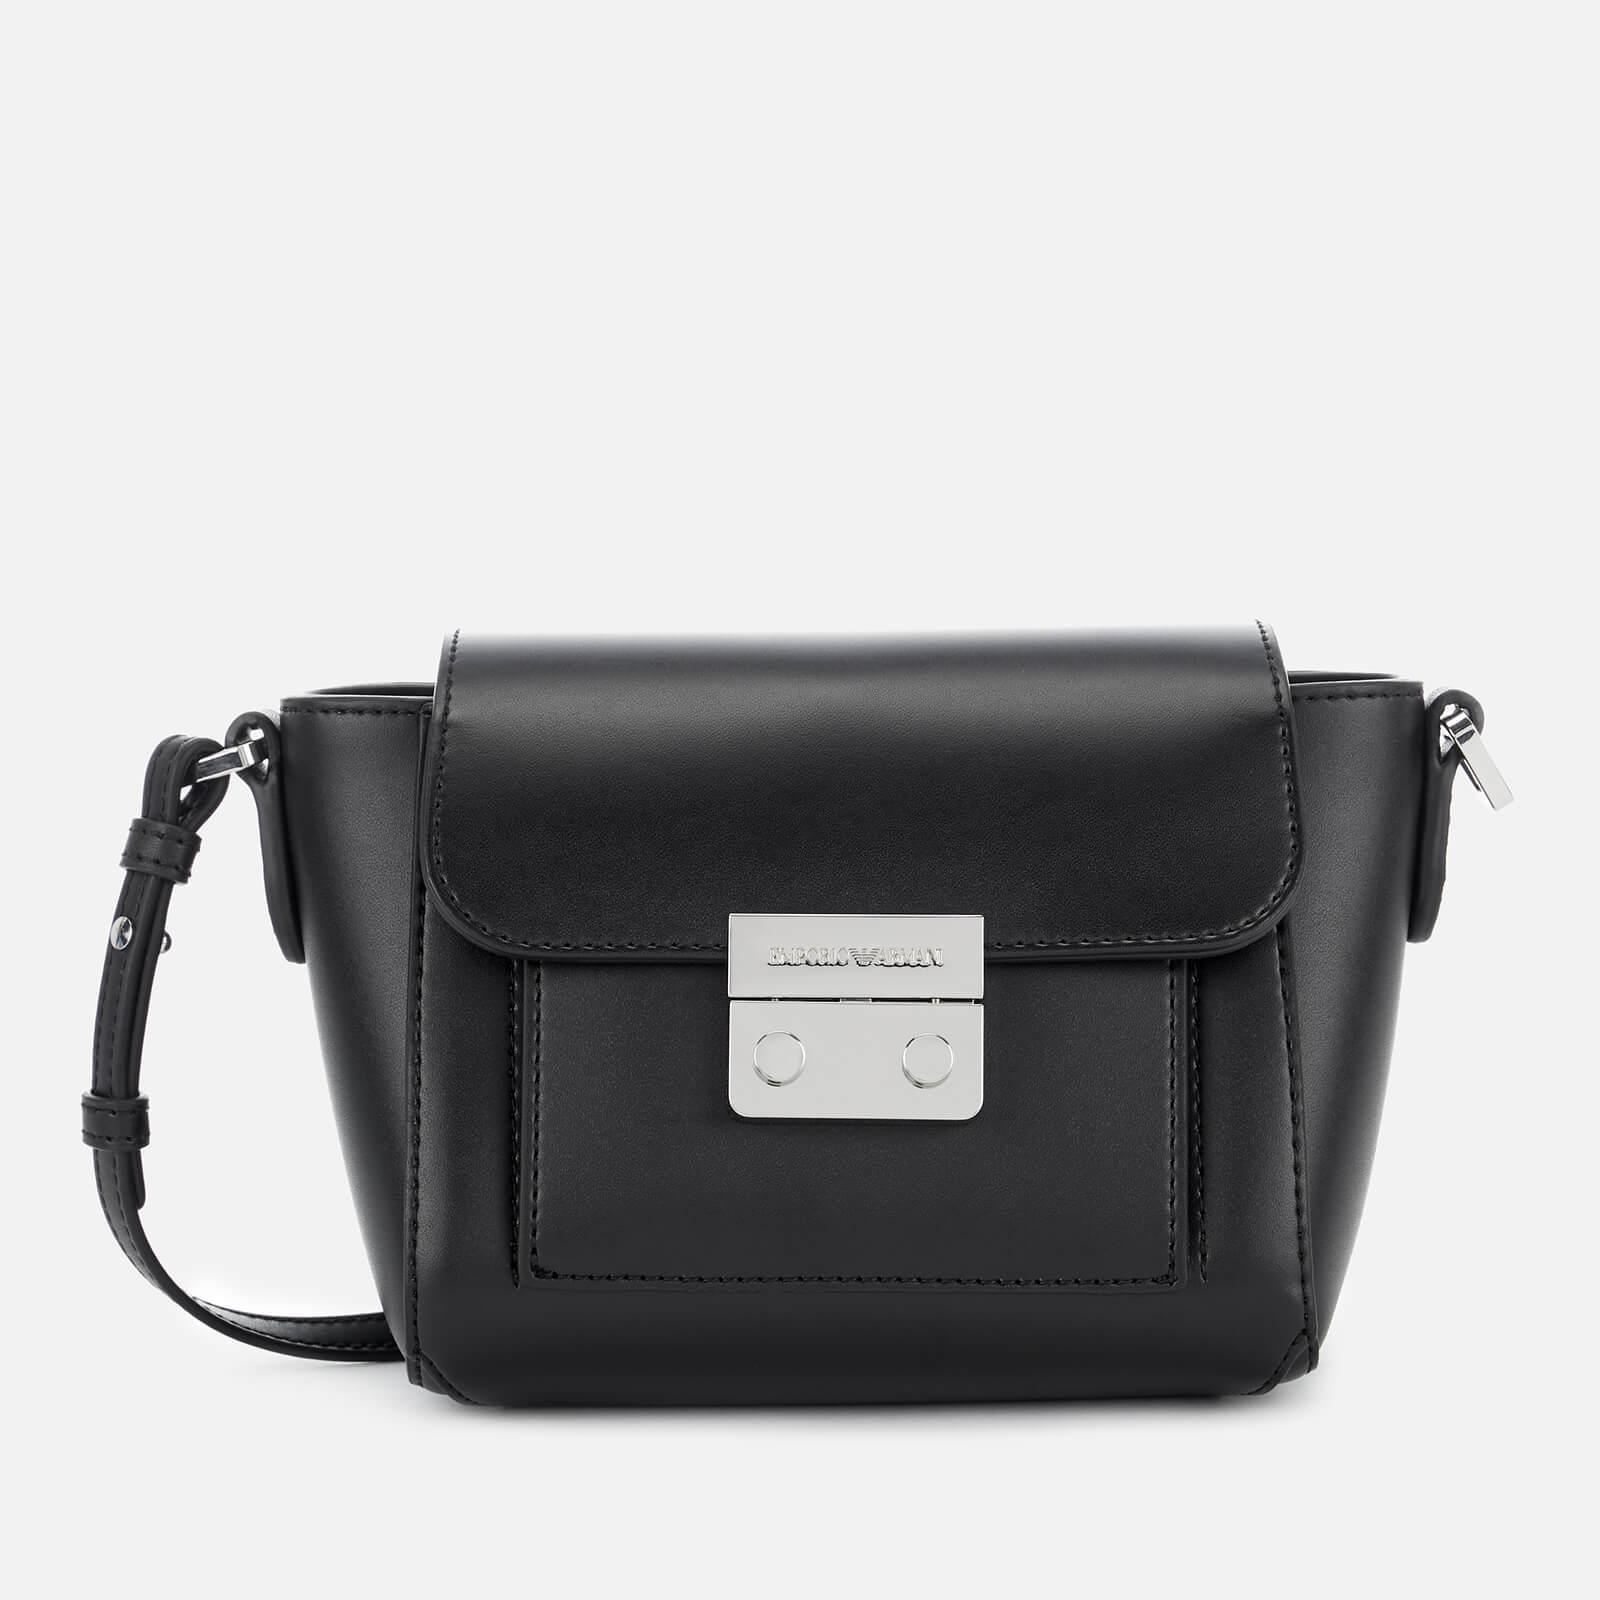 09f9d72a4e Emporio Armani Women's Small Cross Body Bag - Black